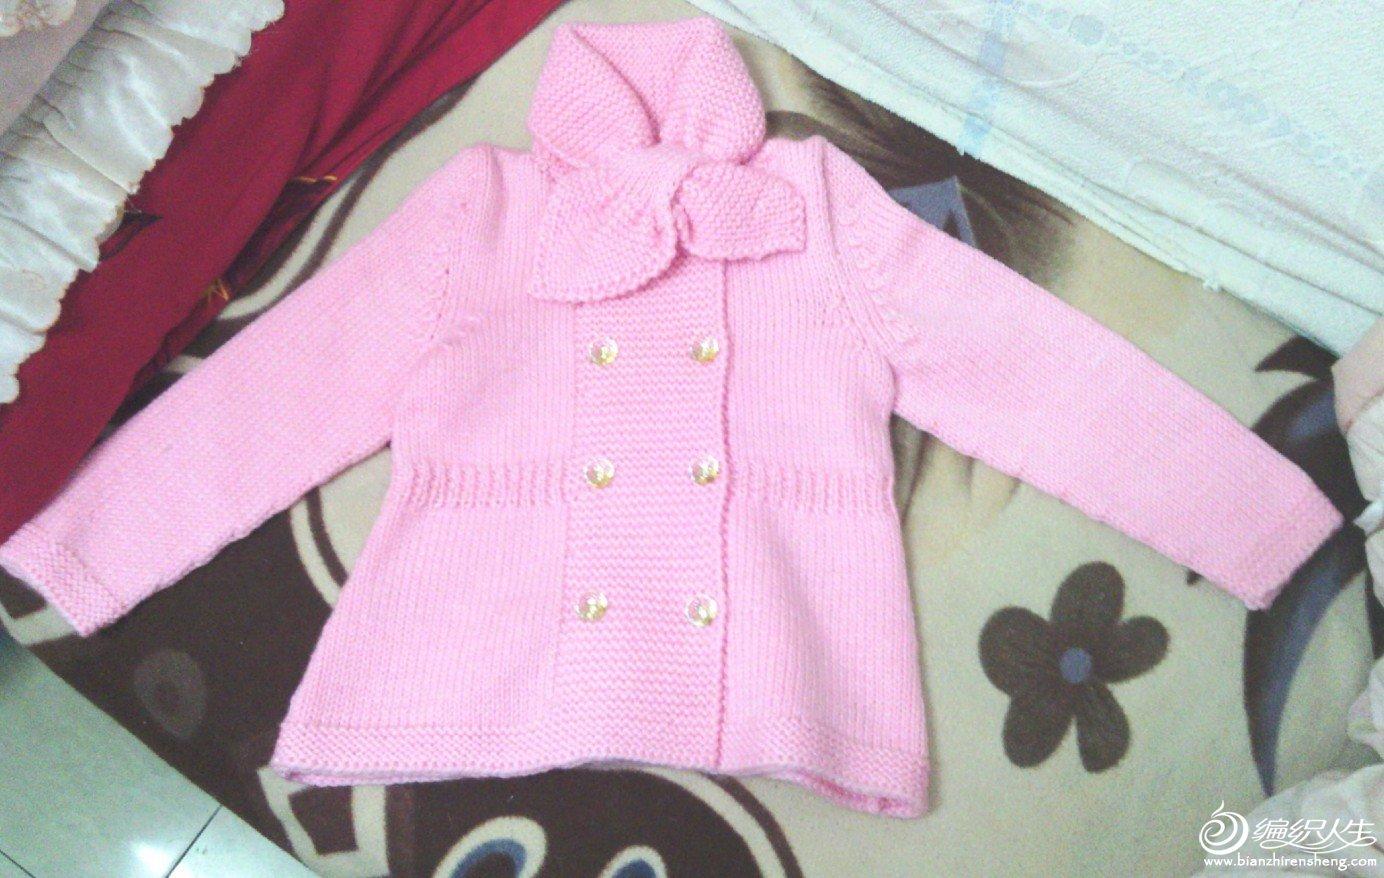 粉色连围脖韩版大衣,颜色有点失真,实物更好看